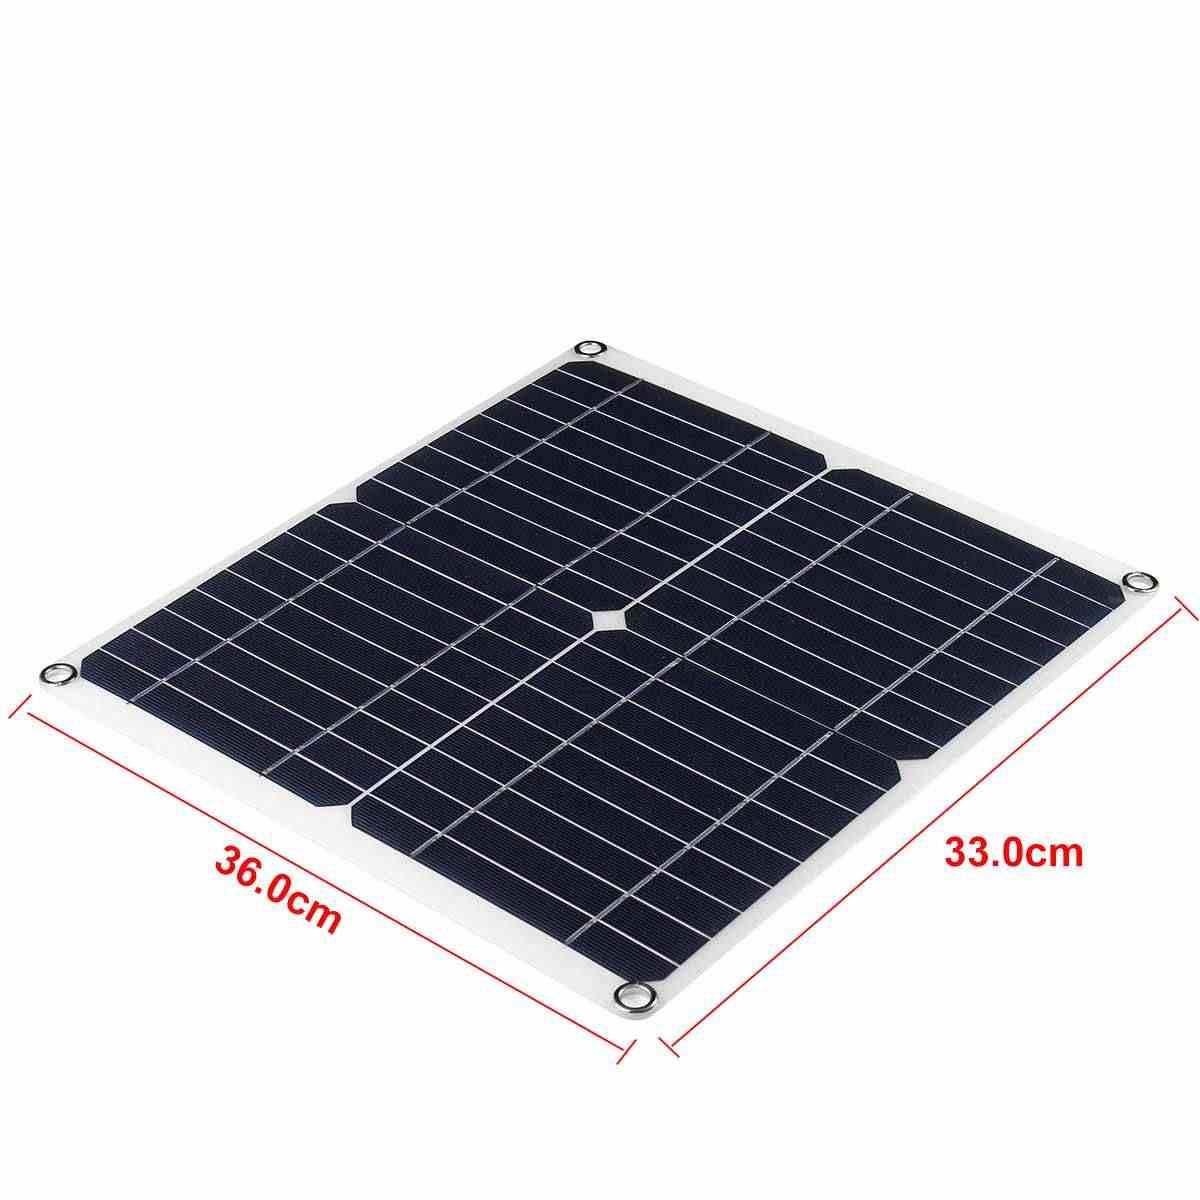 50 Вт/60/80/100 Вт 20В Панели солнечные Батарея Зарядное устройство переносная солнечная панель доска Крокодил Зажимы для автомобиля Зарядное устройство для телефона автомобиля RV лодка яхта